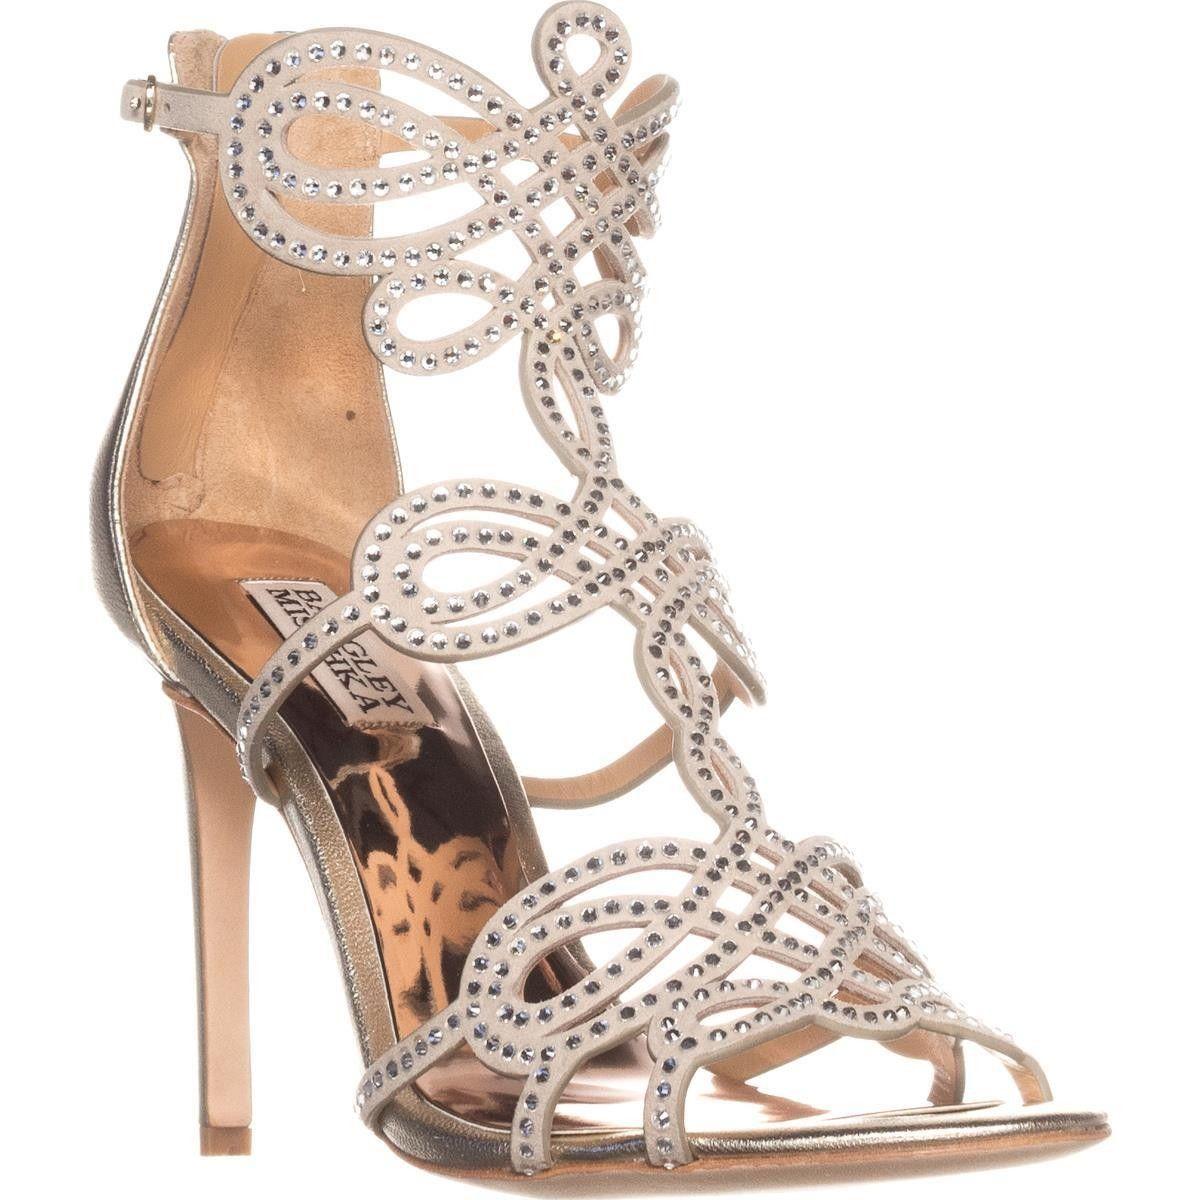 b9aa8addb920 Badgley Mischka Teri Rhinestone T-Strap Sandals